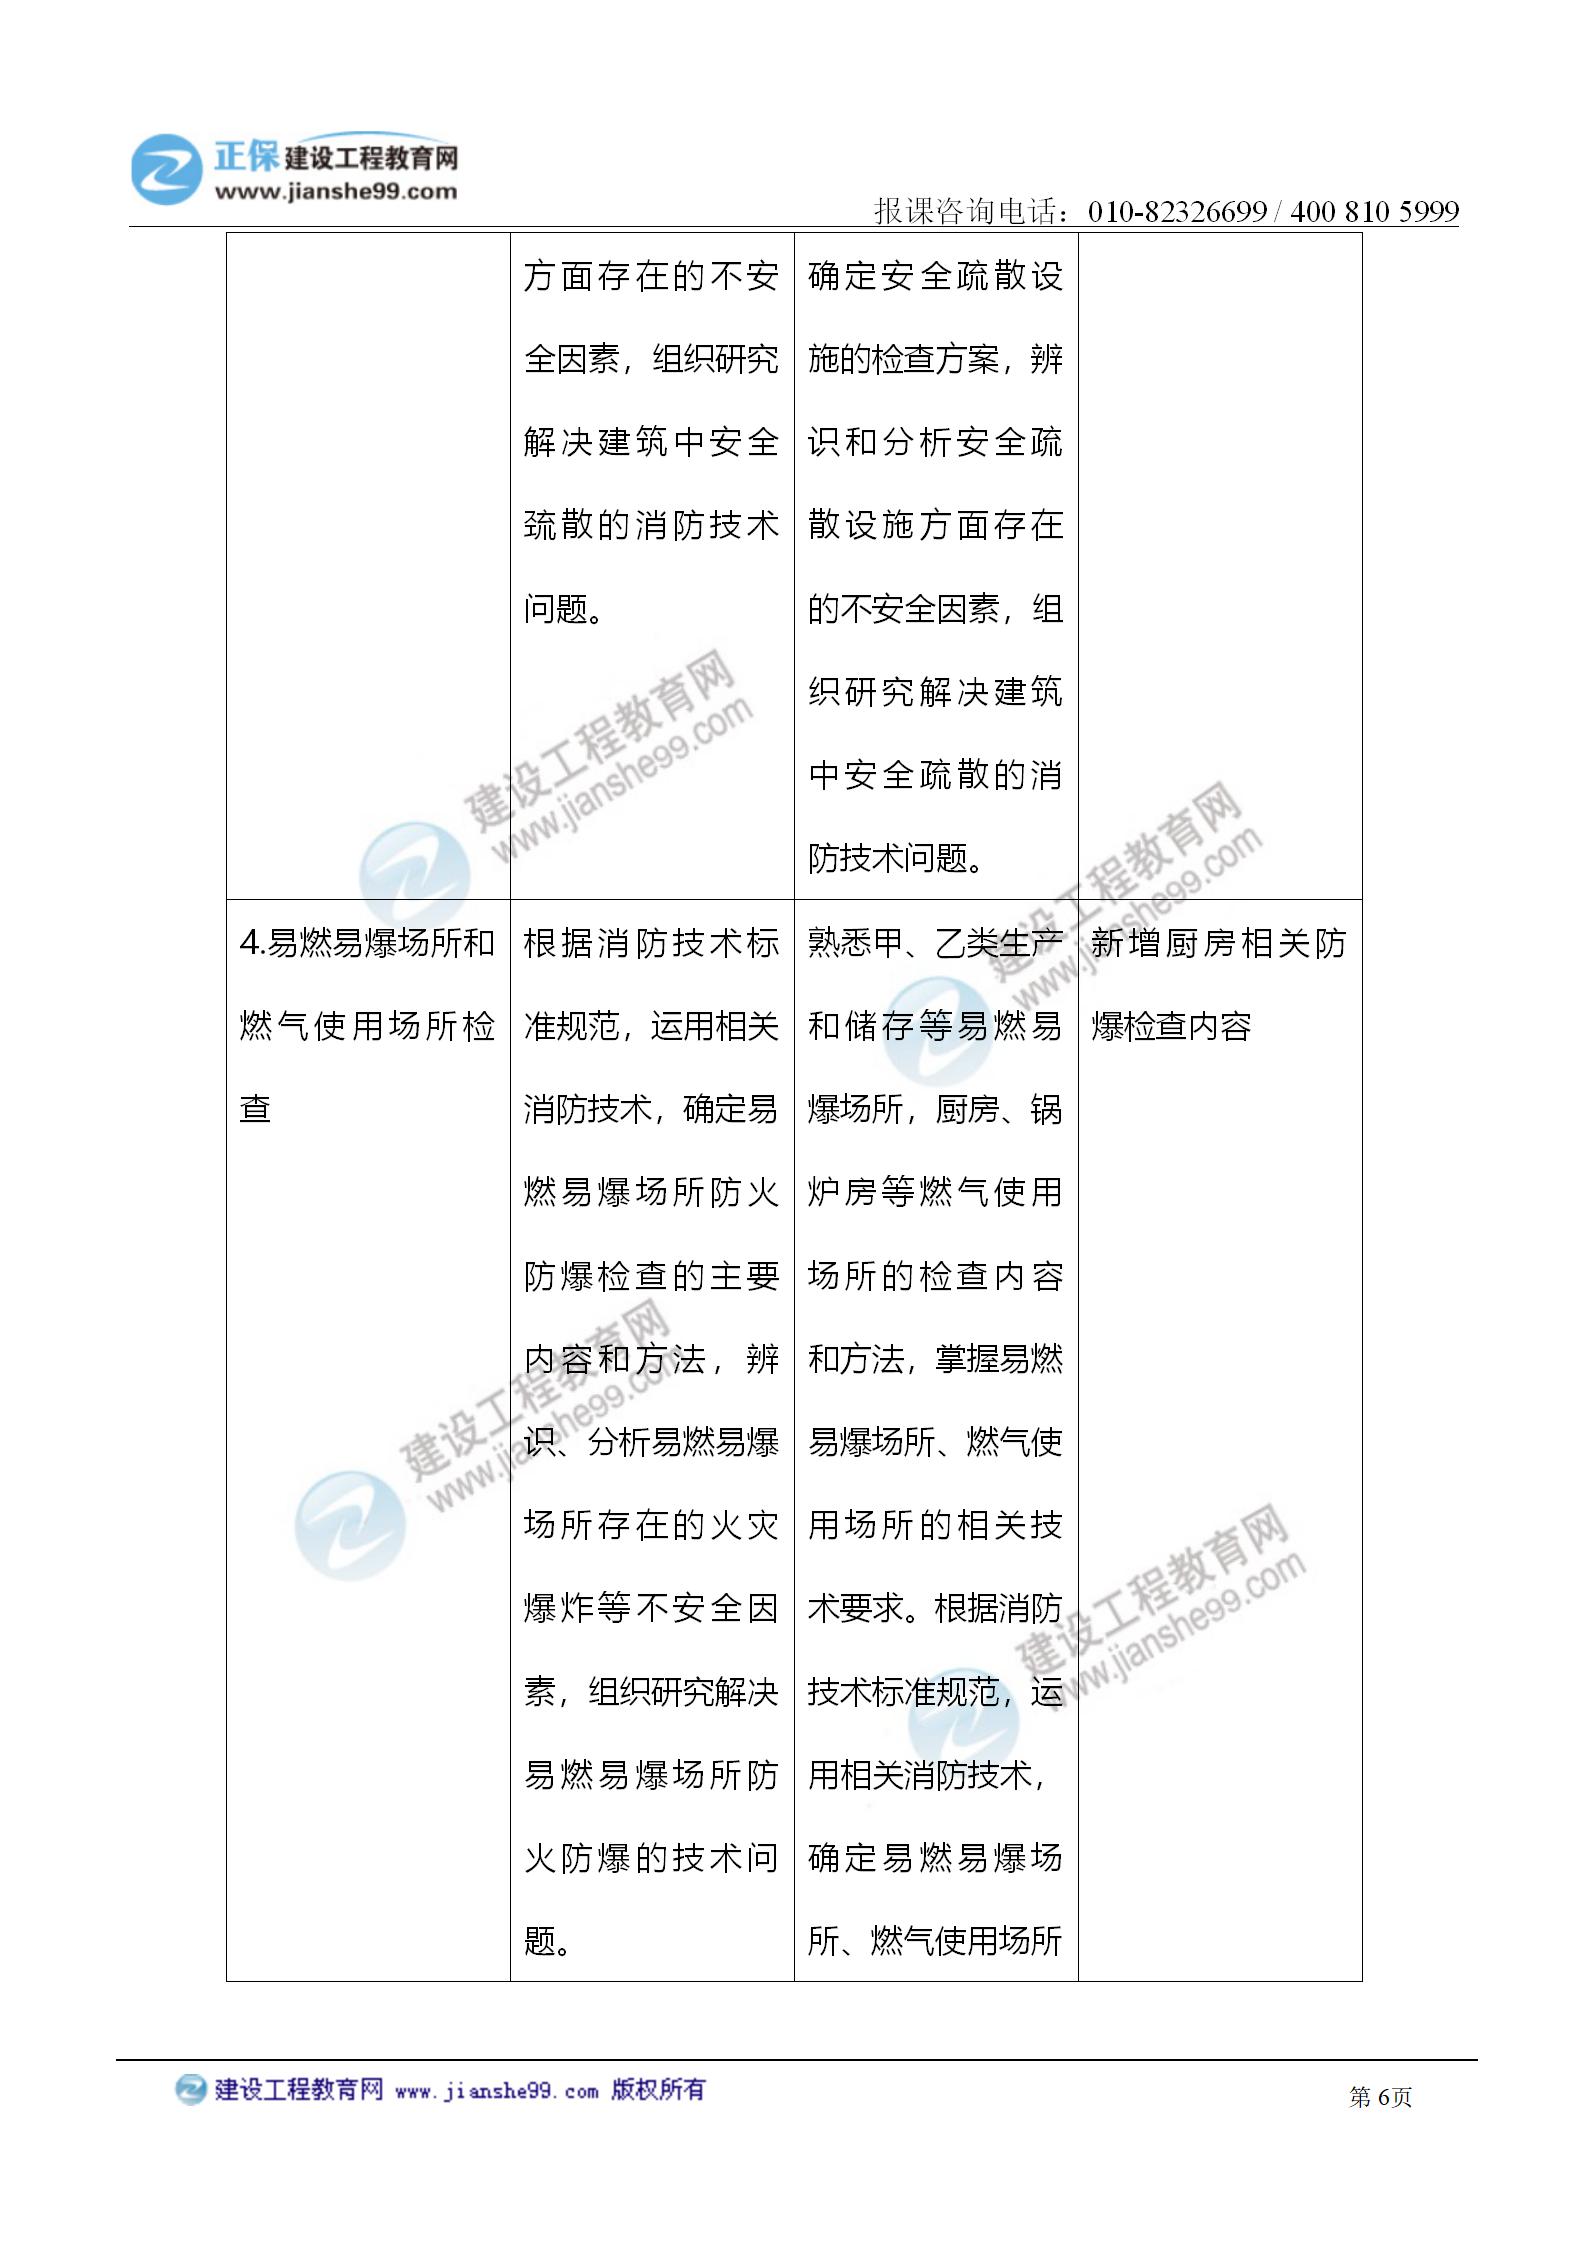 2021注册消防工程师《综合能力》考试大纲变化情况_06